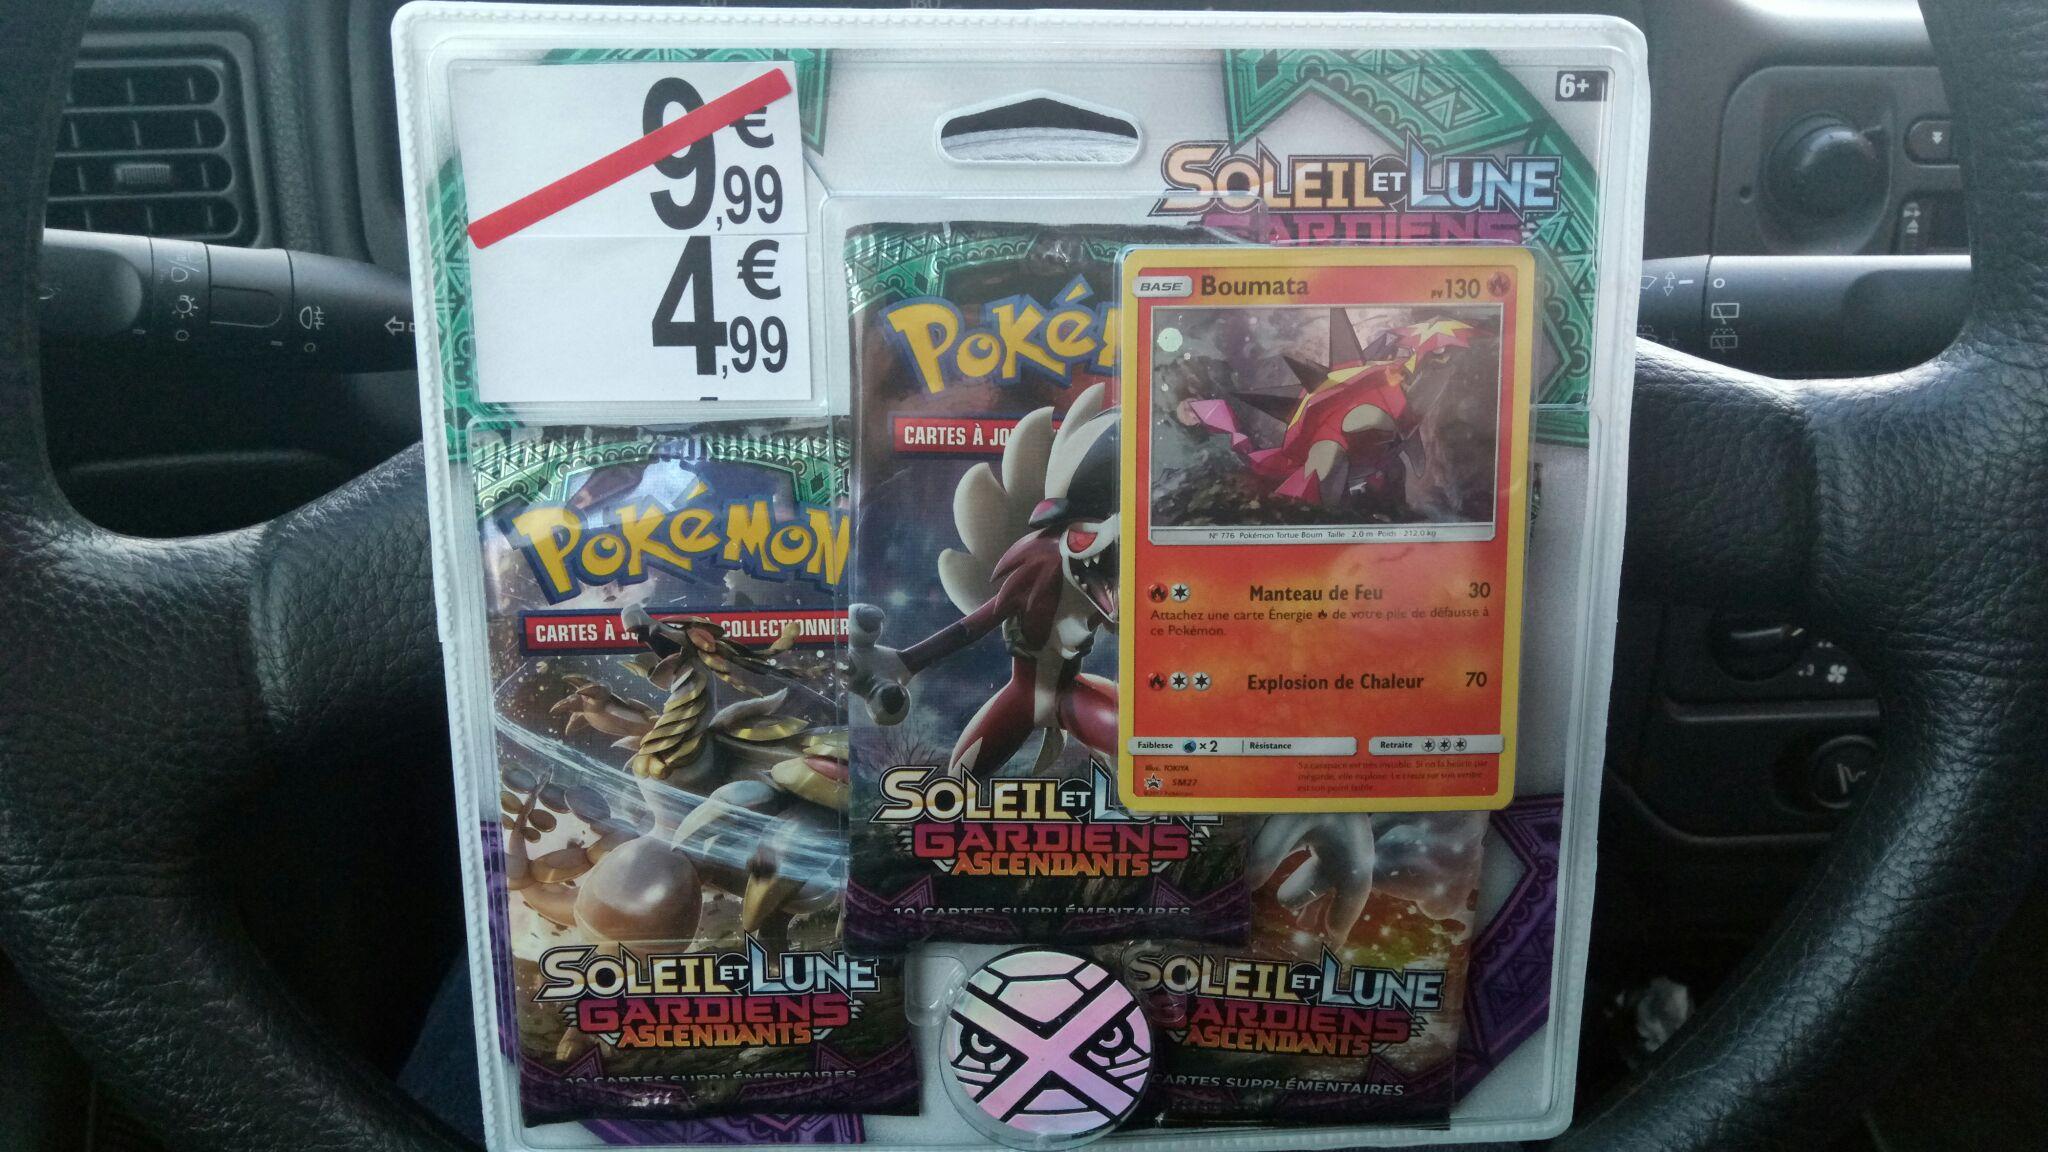 Pack de 3 boosters cartes Pokémon Soleil et Lune - Gardiens Ascendants - Vannes (56)